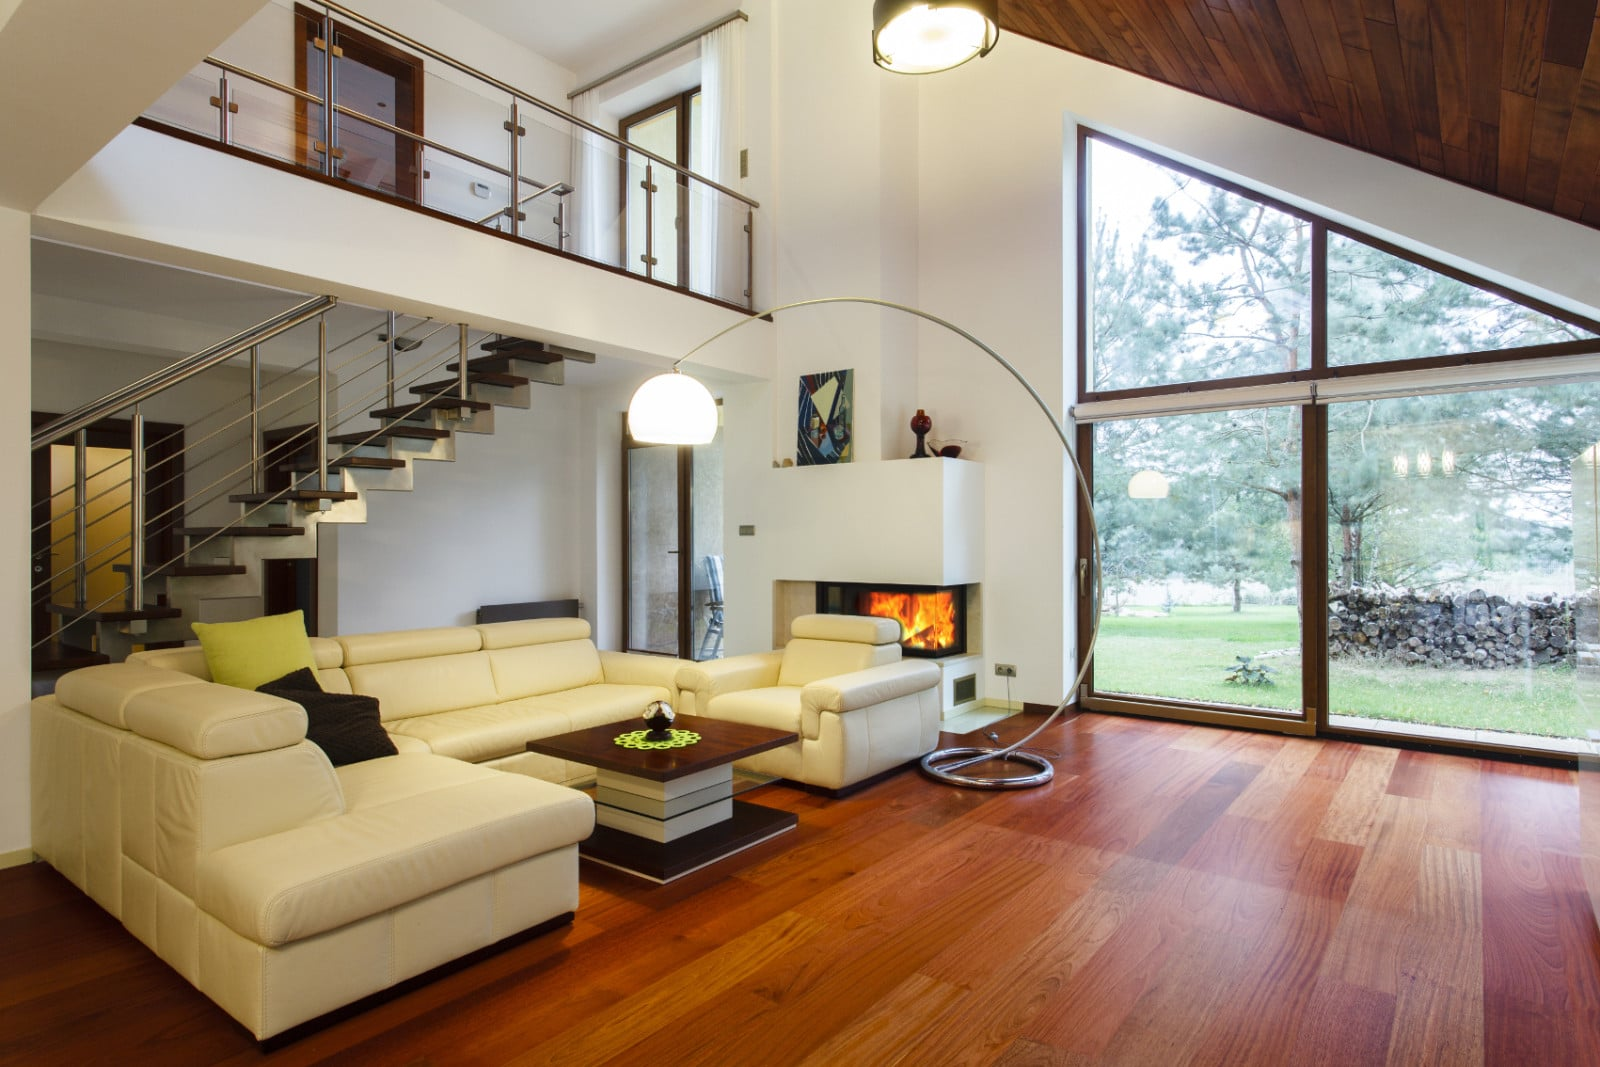 Quelle saison pour réaliser la vente d'une maison ?